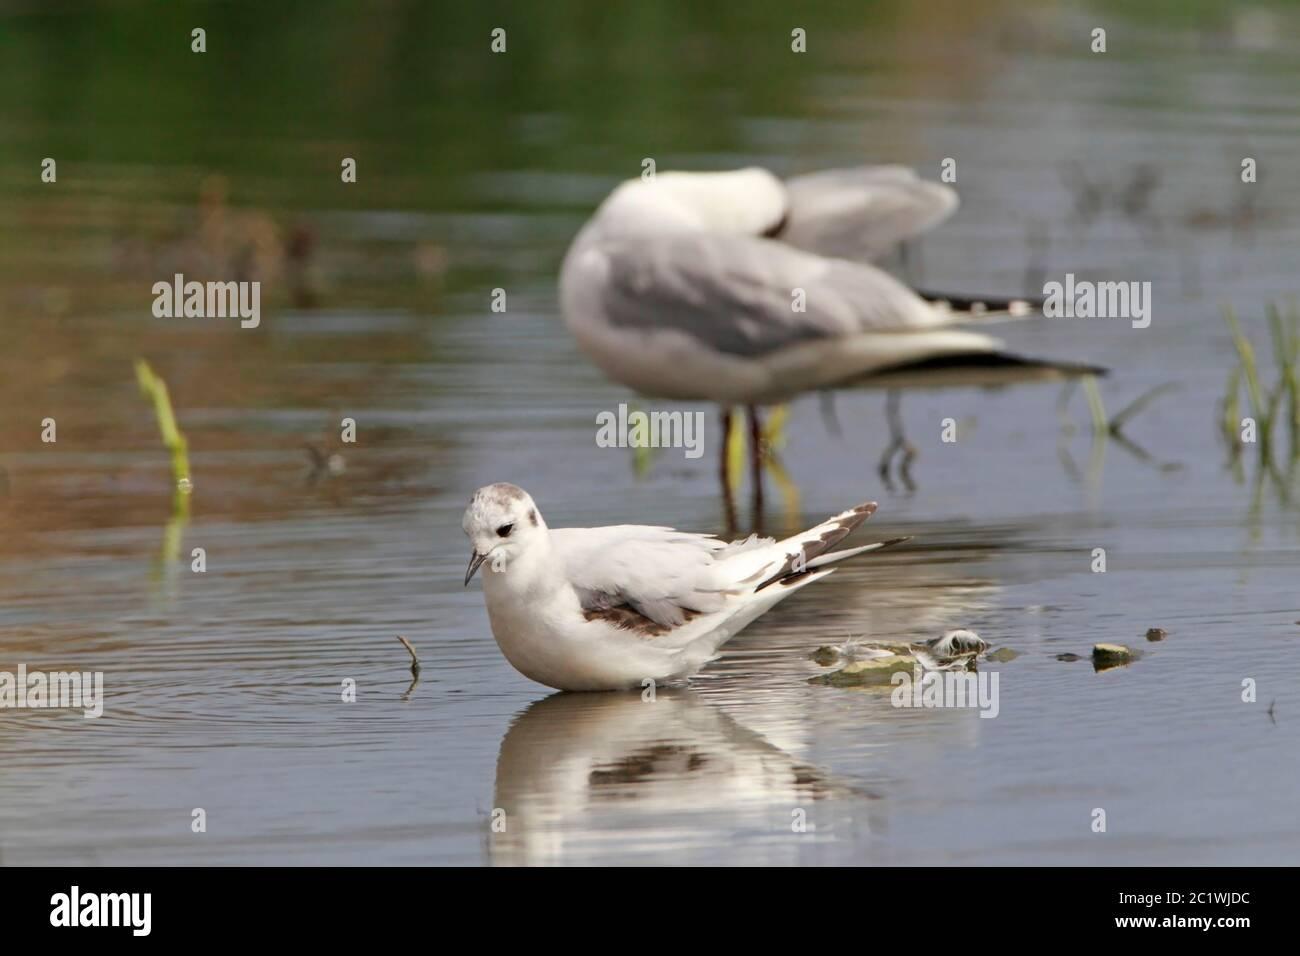 little-gull-stood-in-shallow-freshwater-scotland-uk-2C1WJDC.jpg